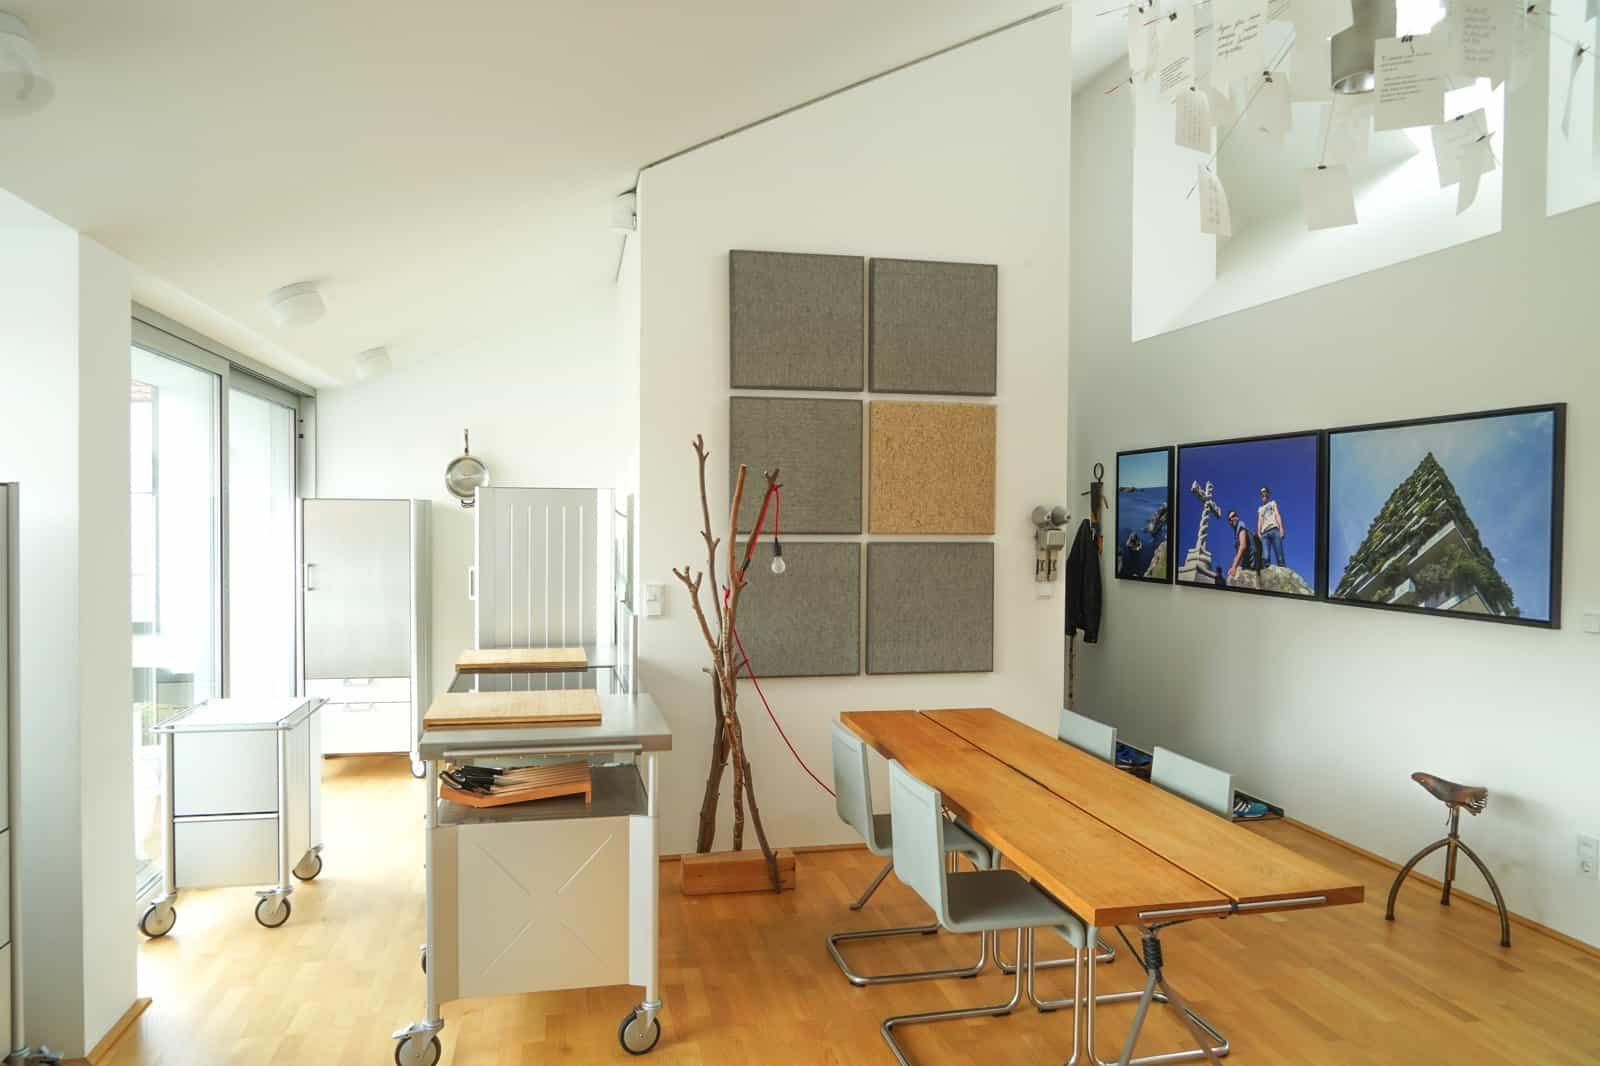 Verbessern der Akustik im Wohnzimmer - SilentFiber